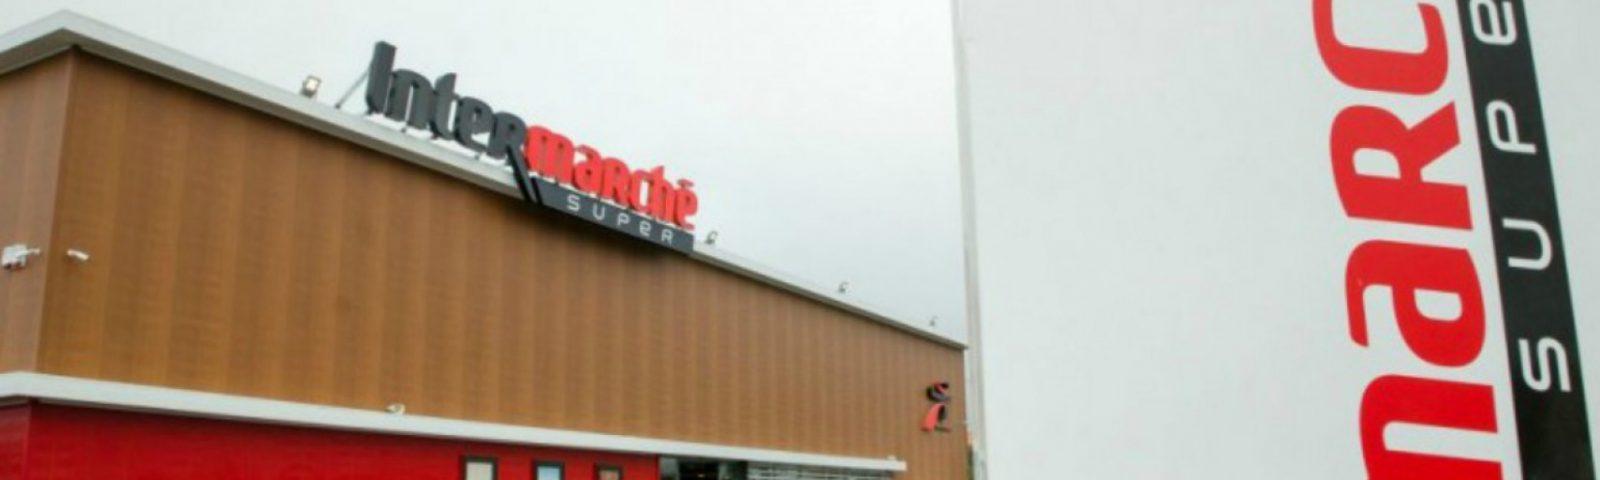 Grupo Os Mosqueteiros soma vendas de 2 mil milhões em 2015 em Portugal